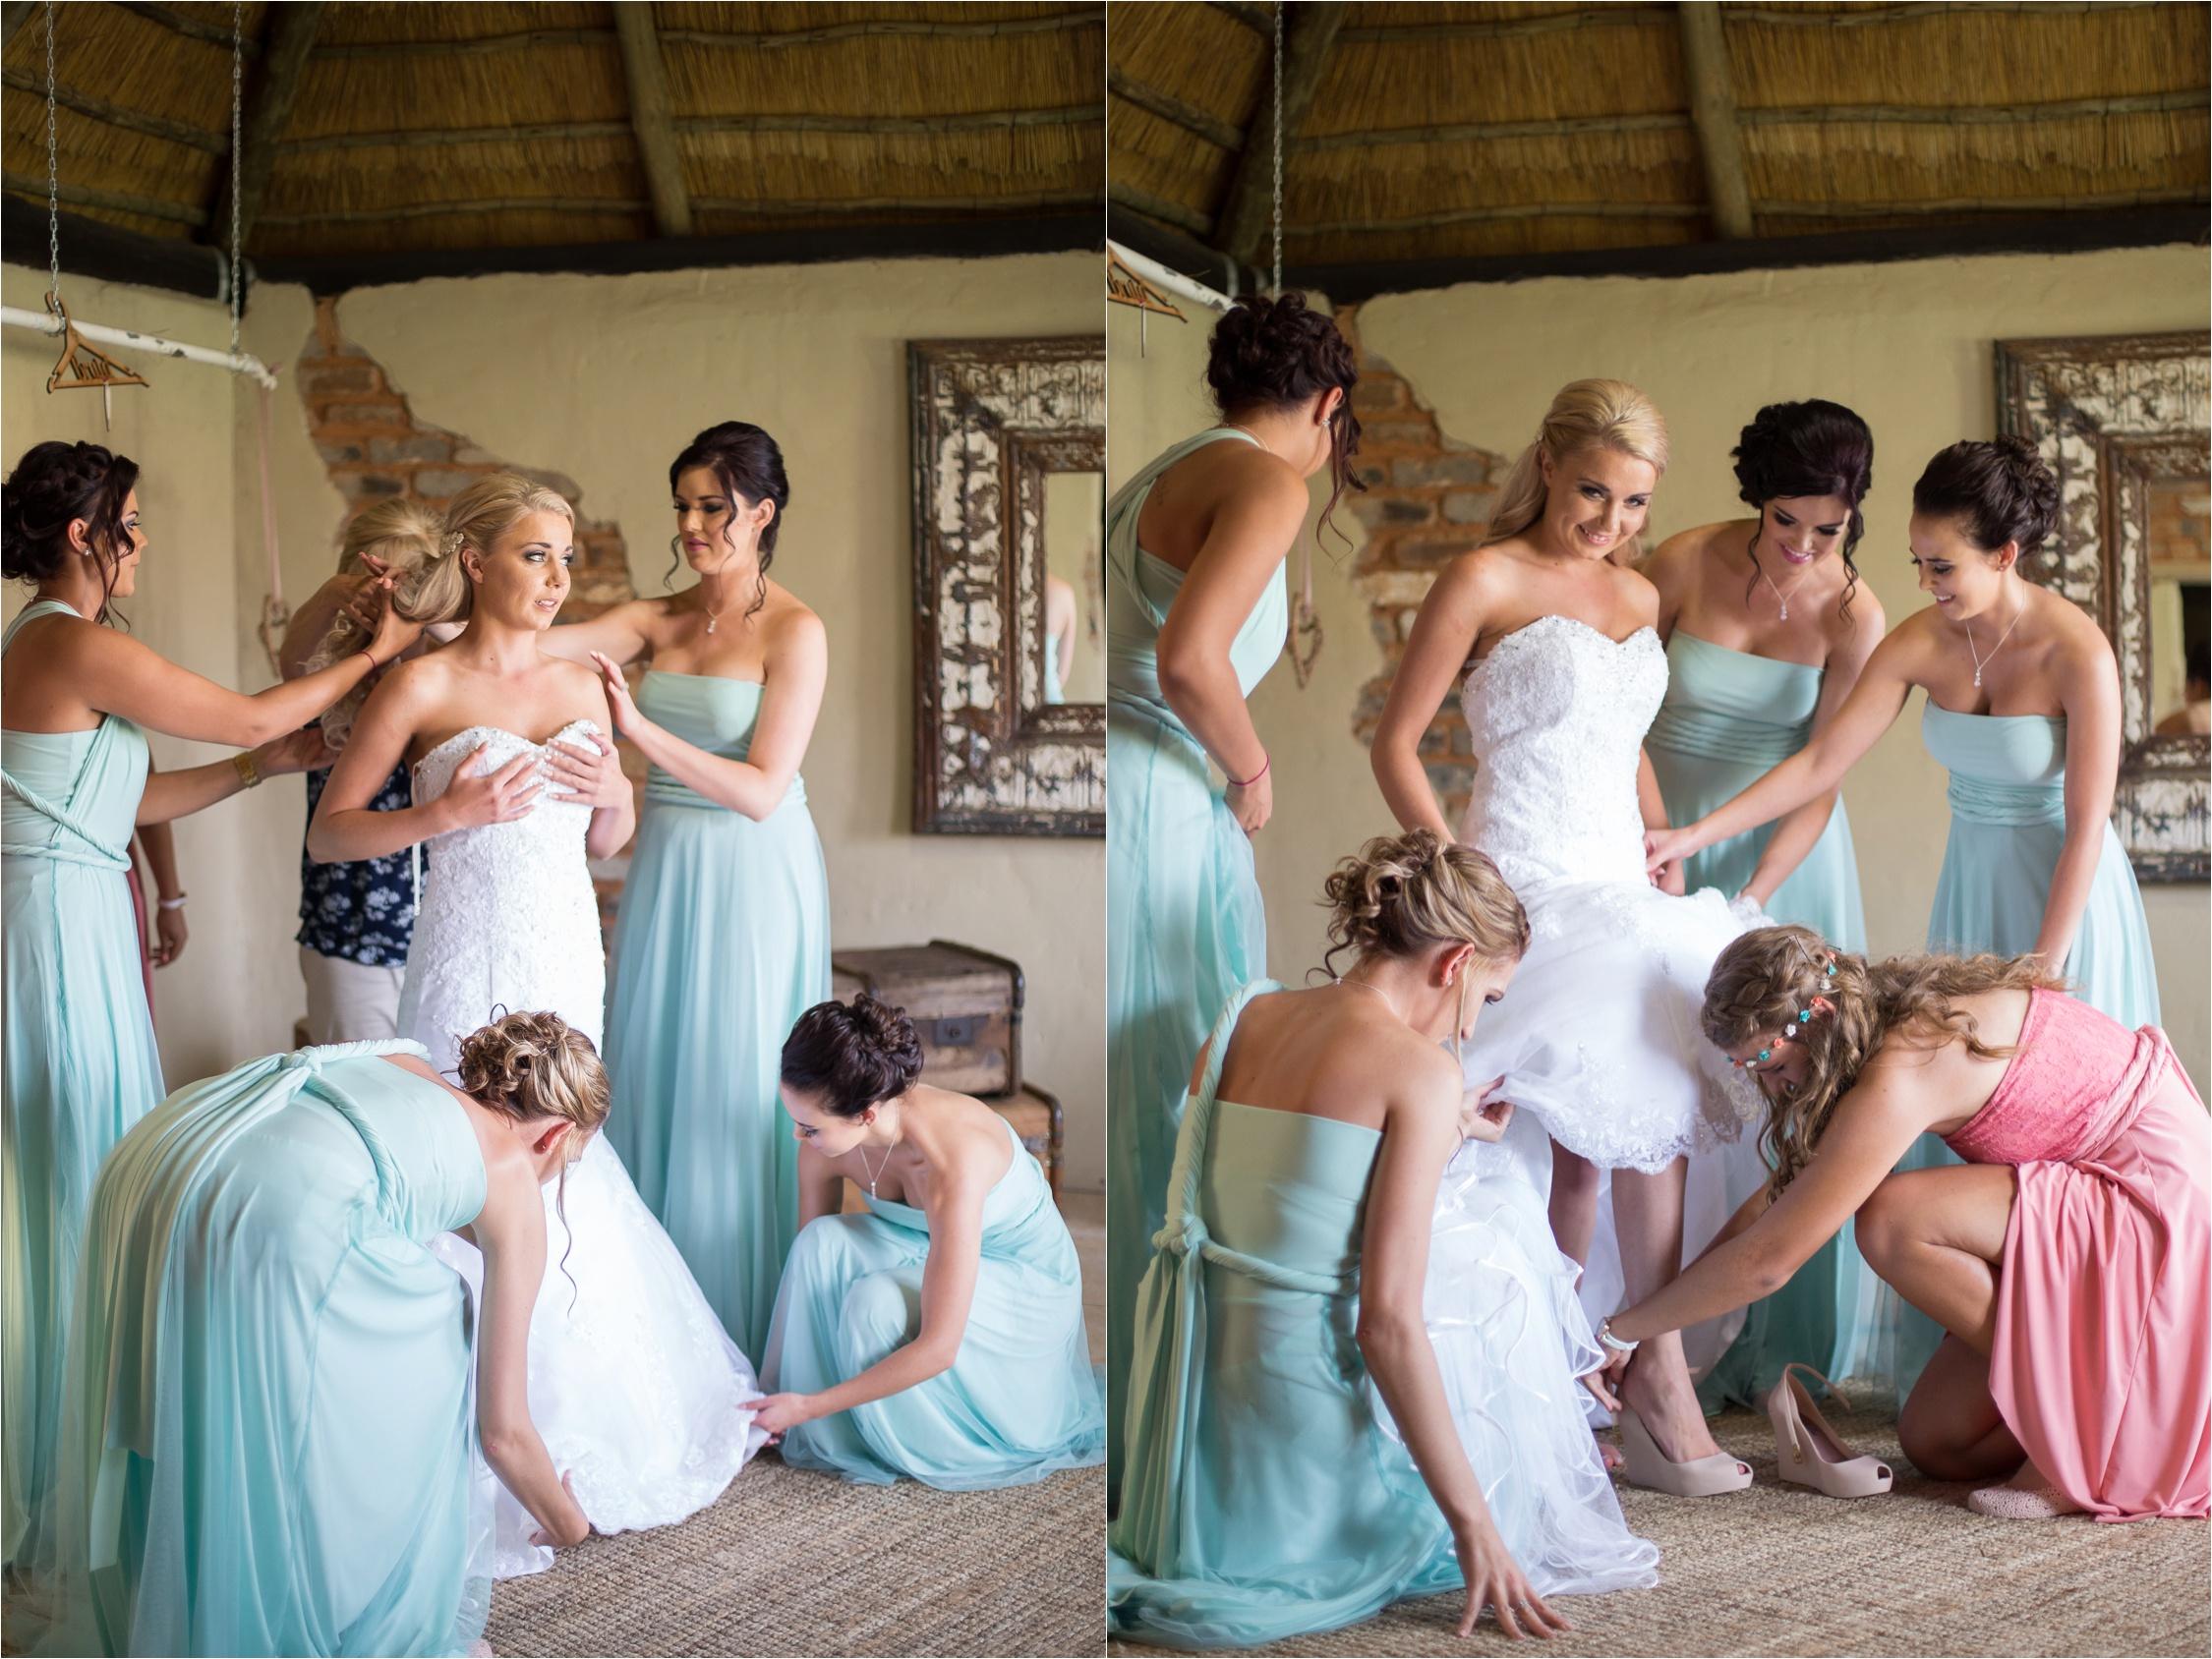 Die_Waenhuiskraal_wedding_Alicia_Dwayne_26